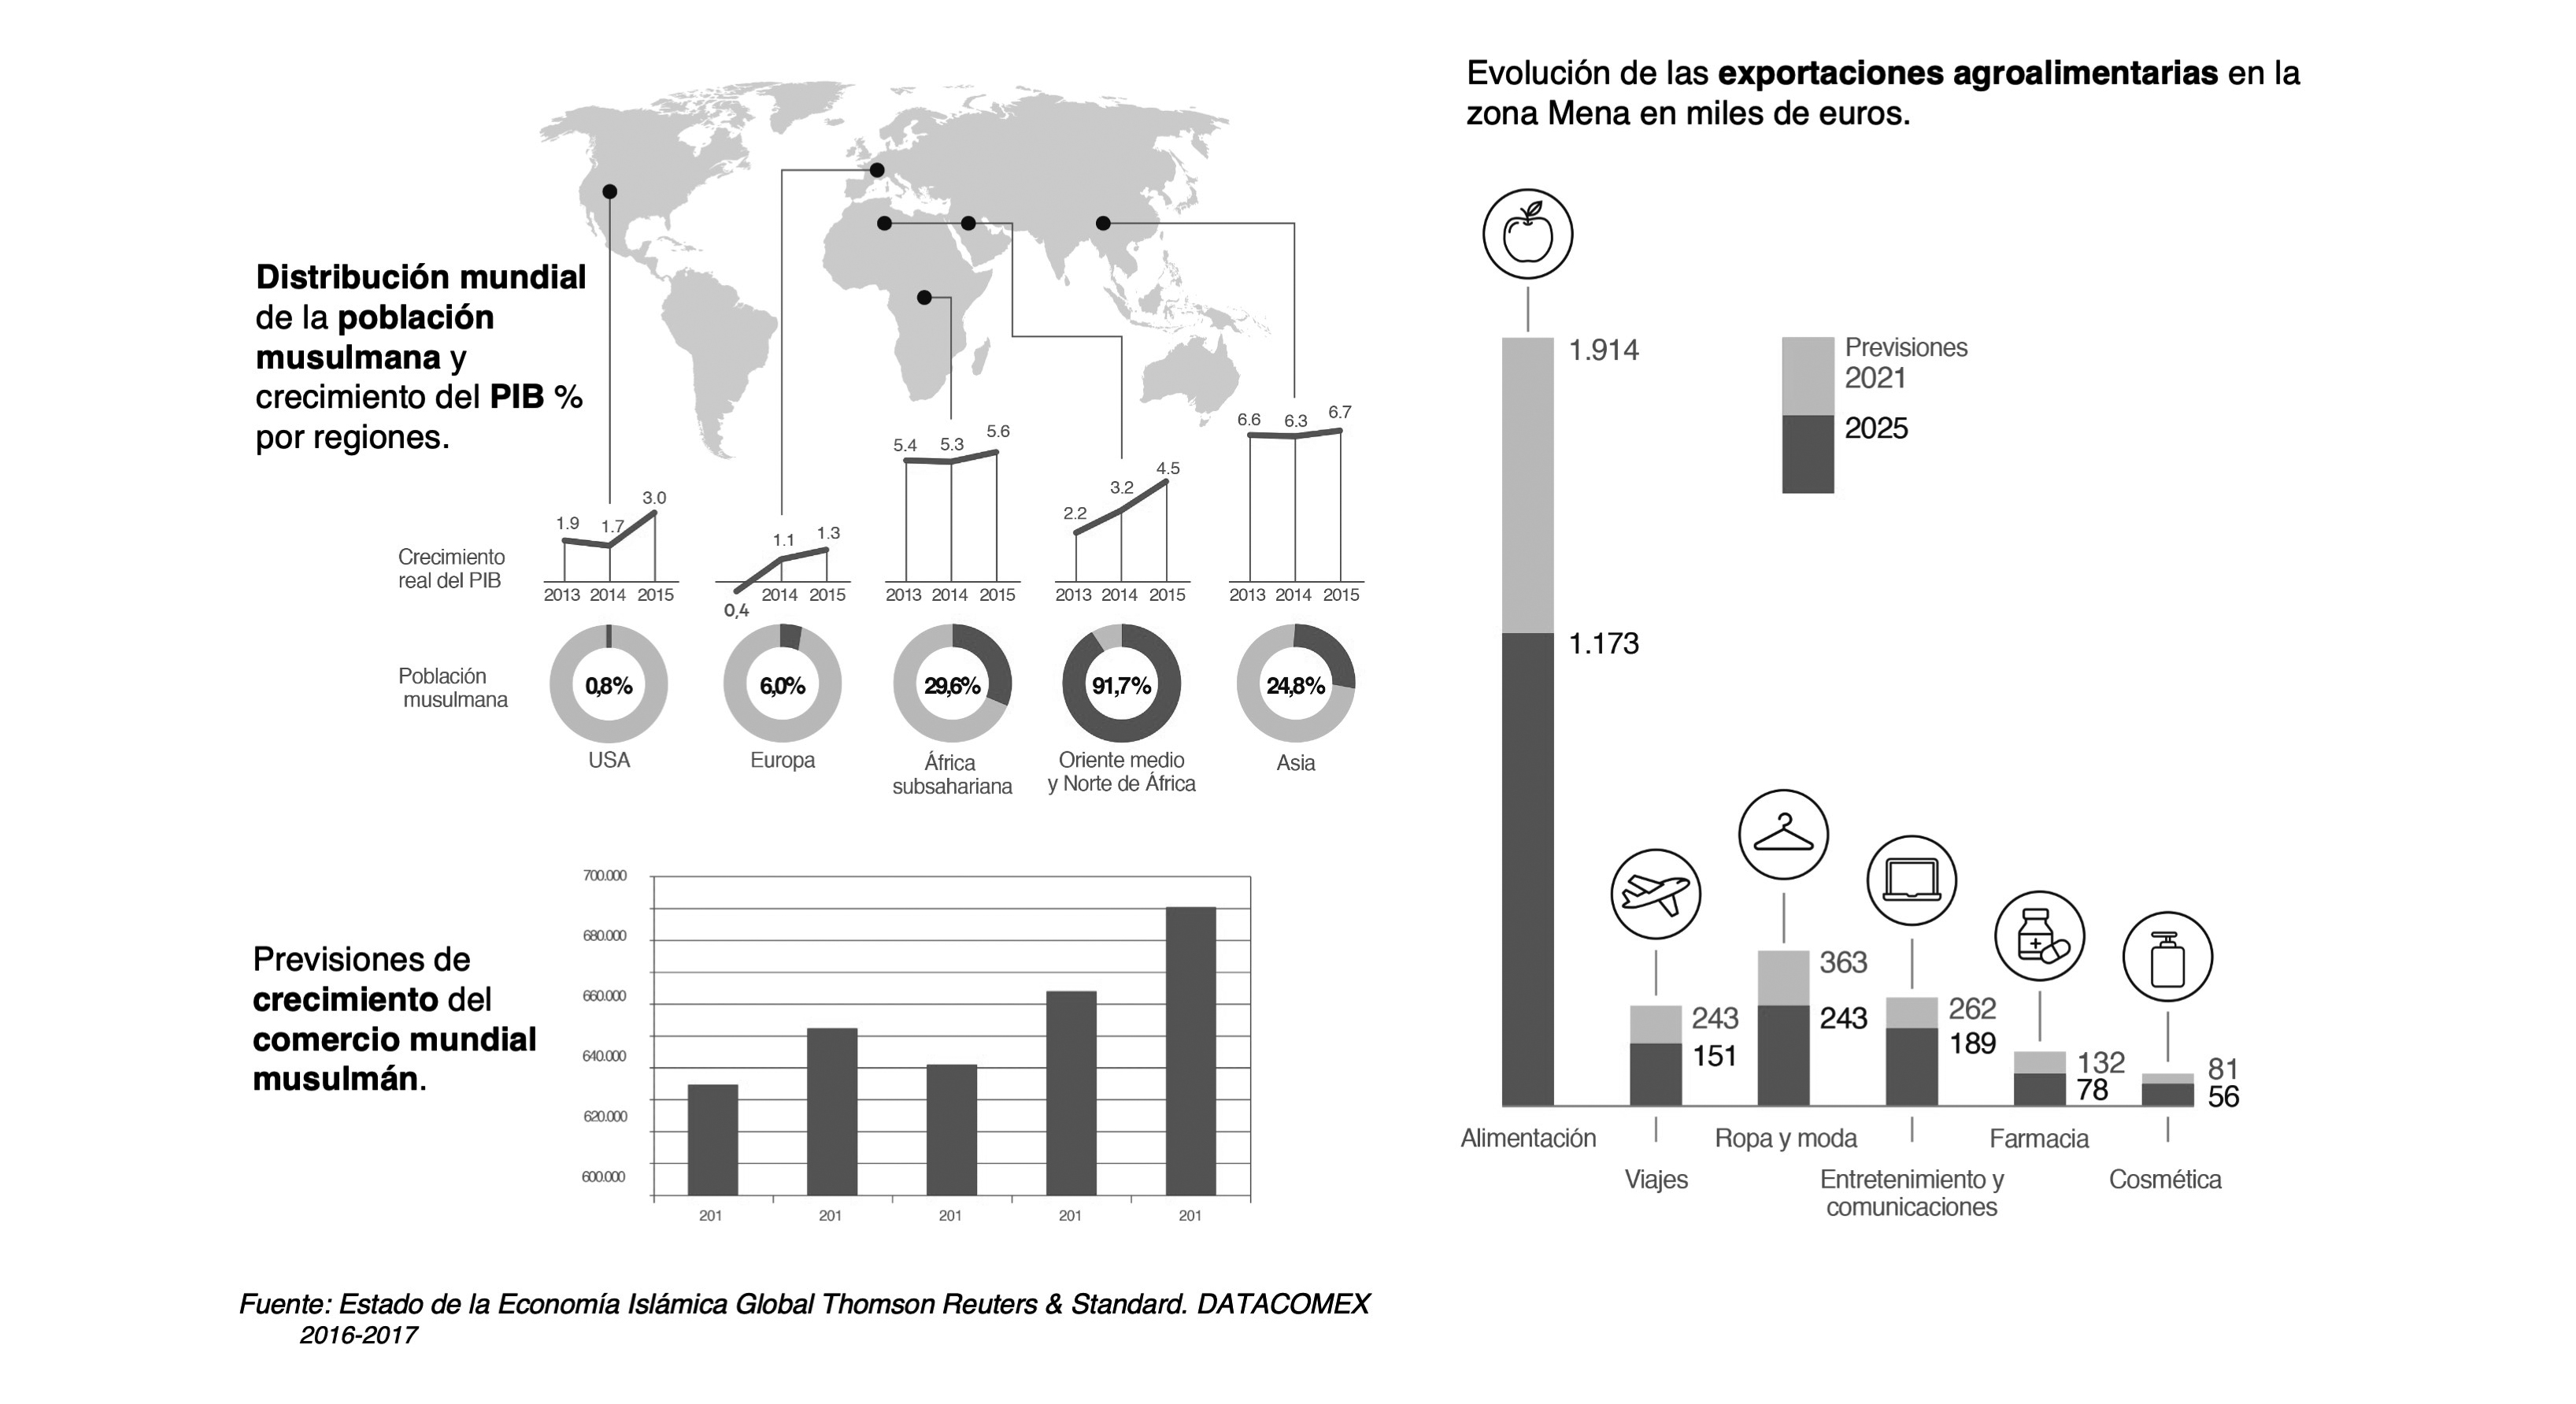 Infografia halal Catalunya cast